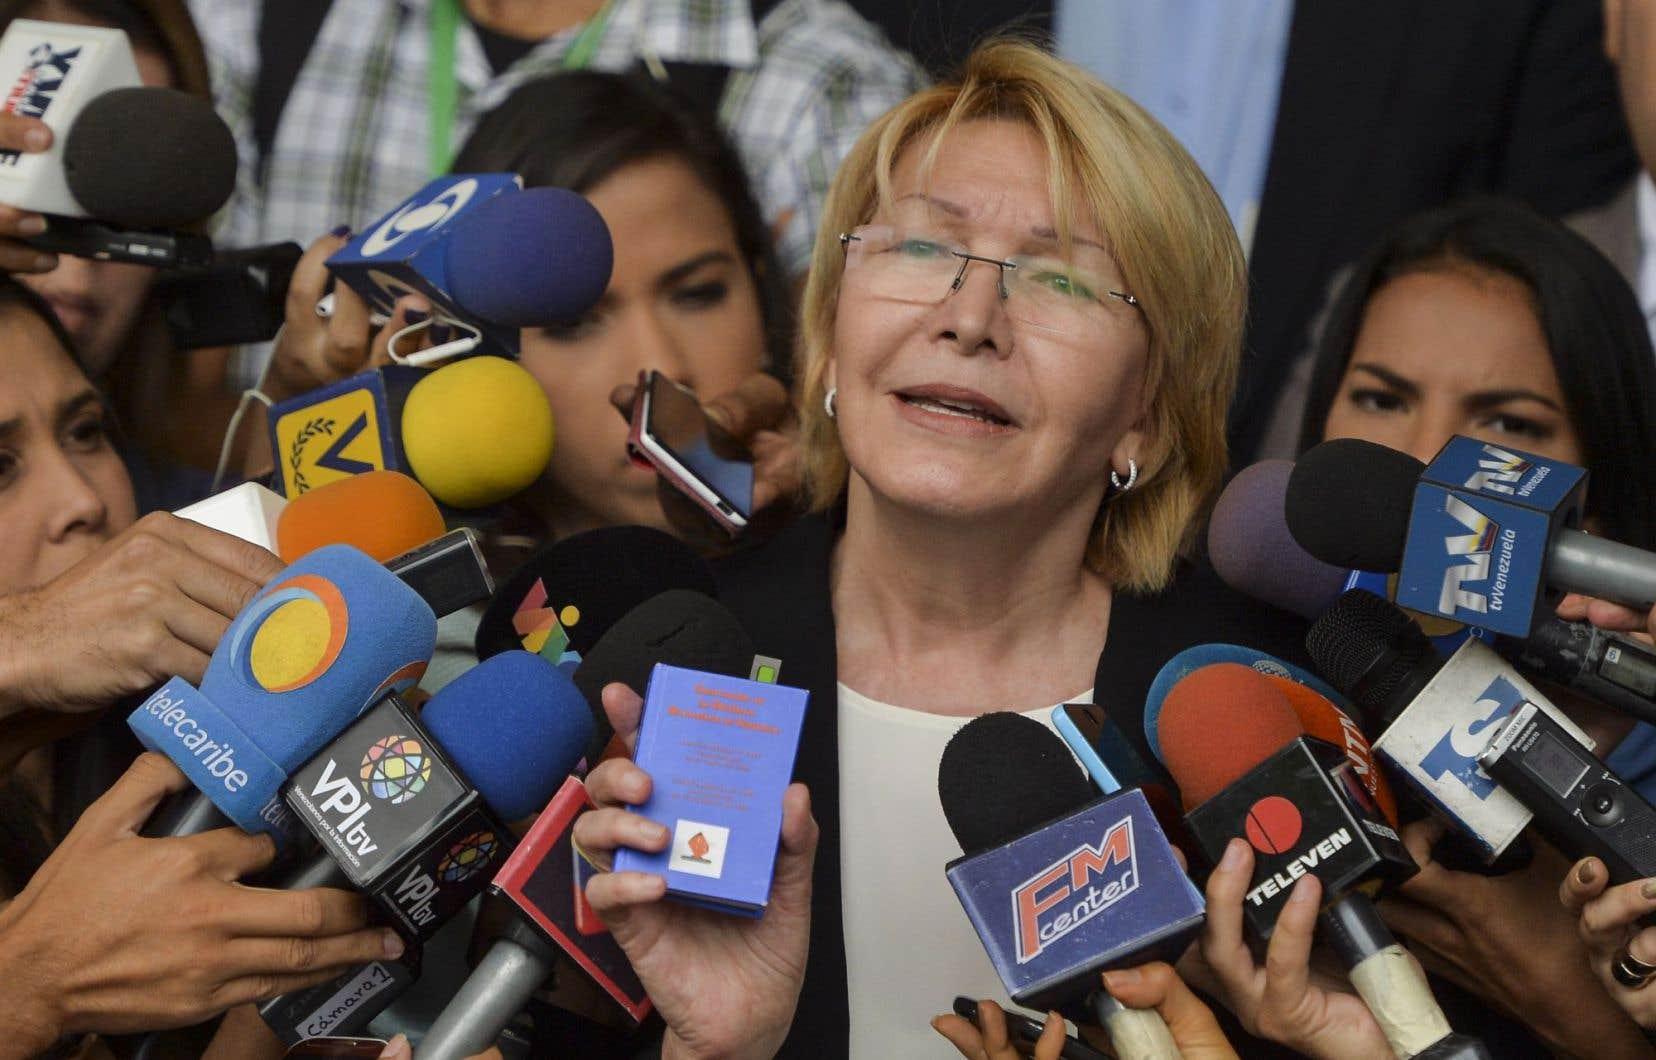 Le 15juin, lorsque Luisa Ortega a déposé devant la Cour suprême trois recours demandant l'annulation de la convocation de l'Assemblée constituante, elle a brandi le petit livre bleu de la Constitution de 1999, dénonçant la destruction de l'héritage de Chávez.